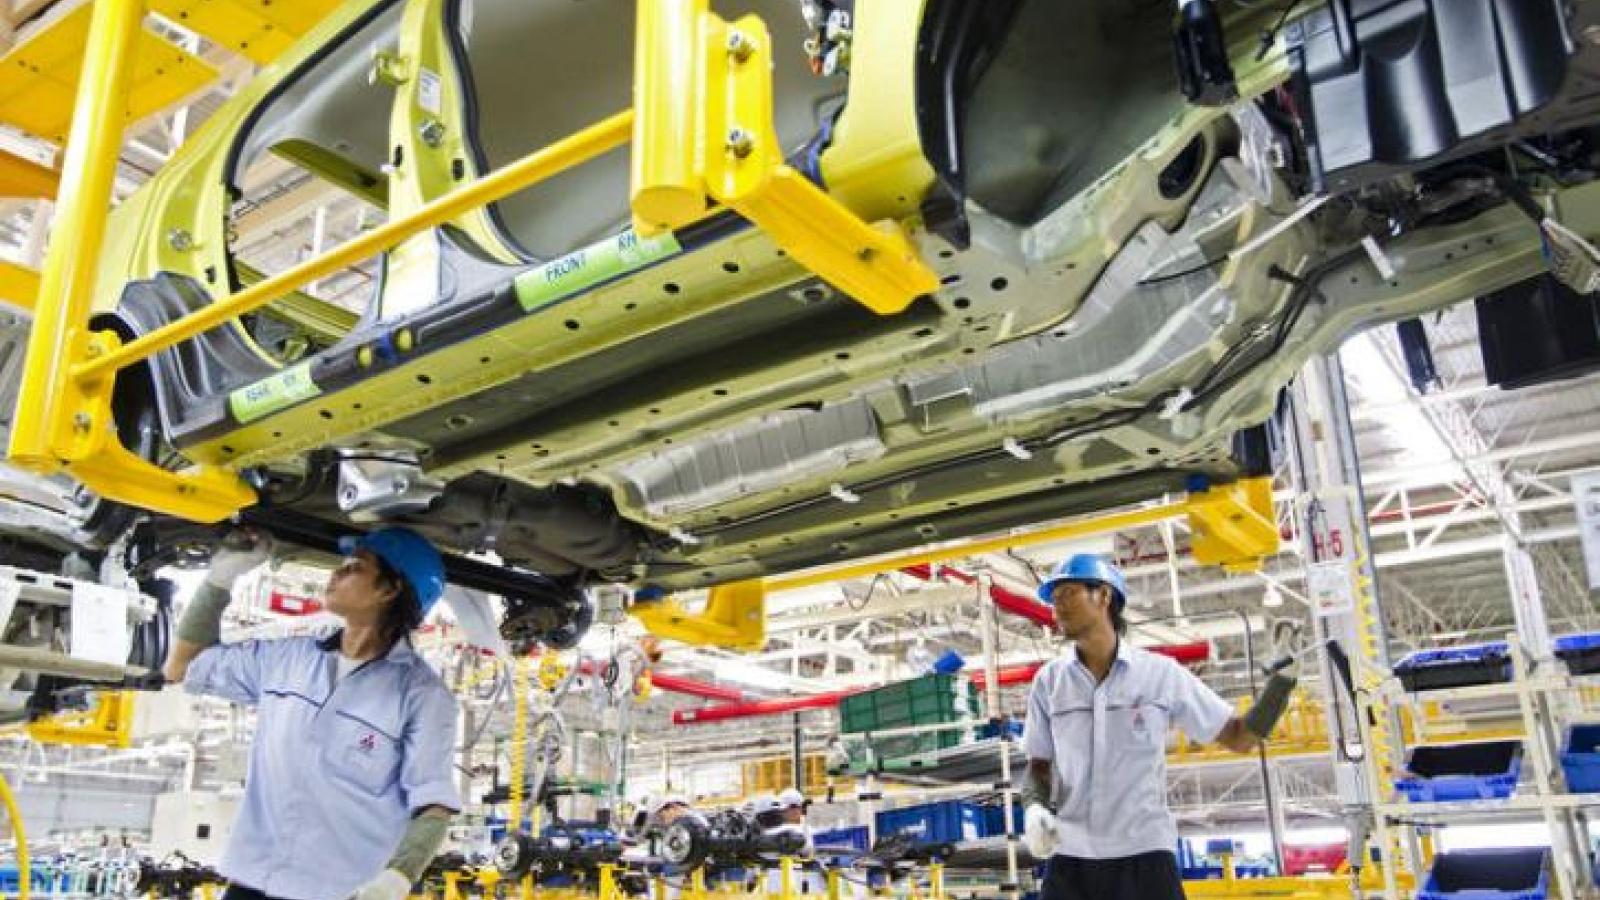 Kinh tế Thái Lan bắt đầu chịu hậu quả từ biểu tình quy mô lớn